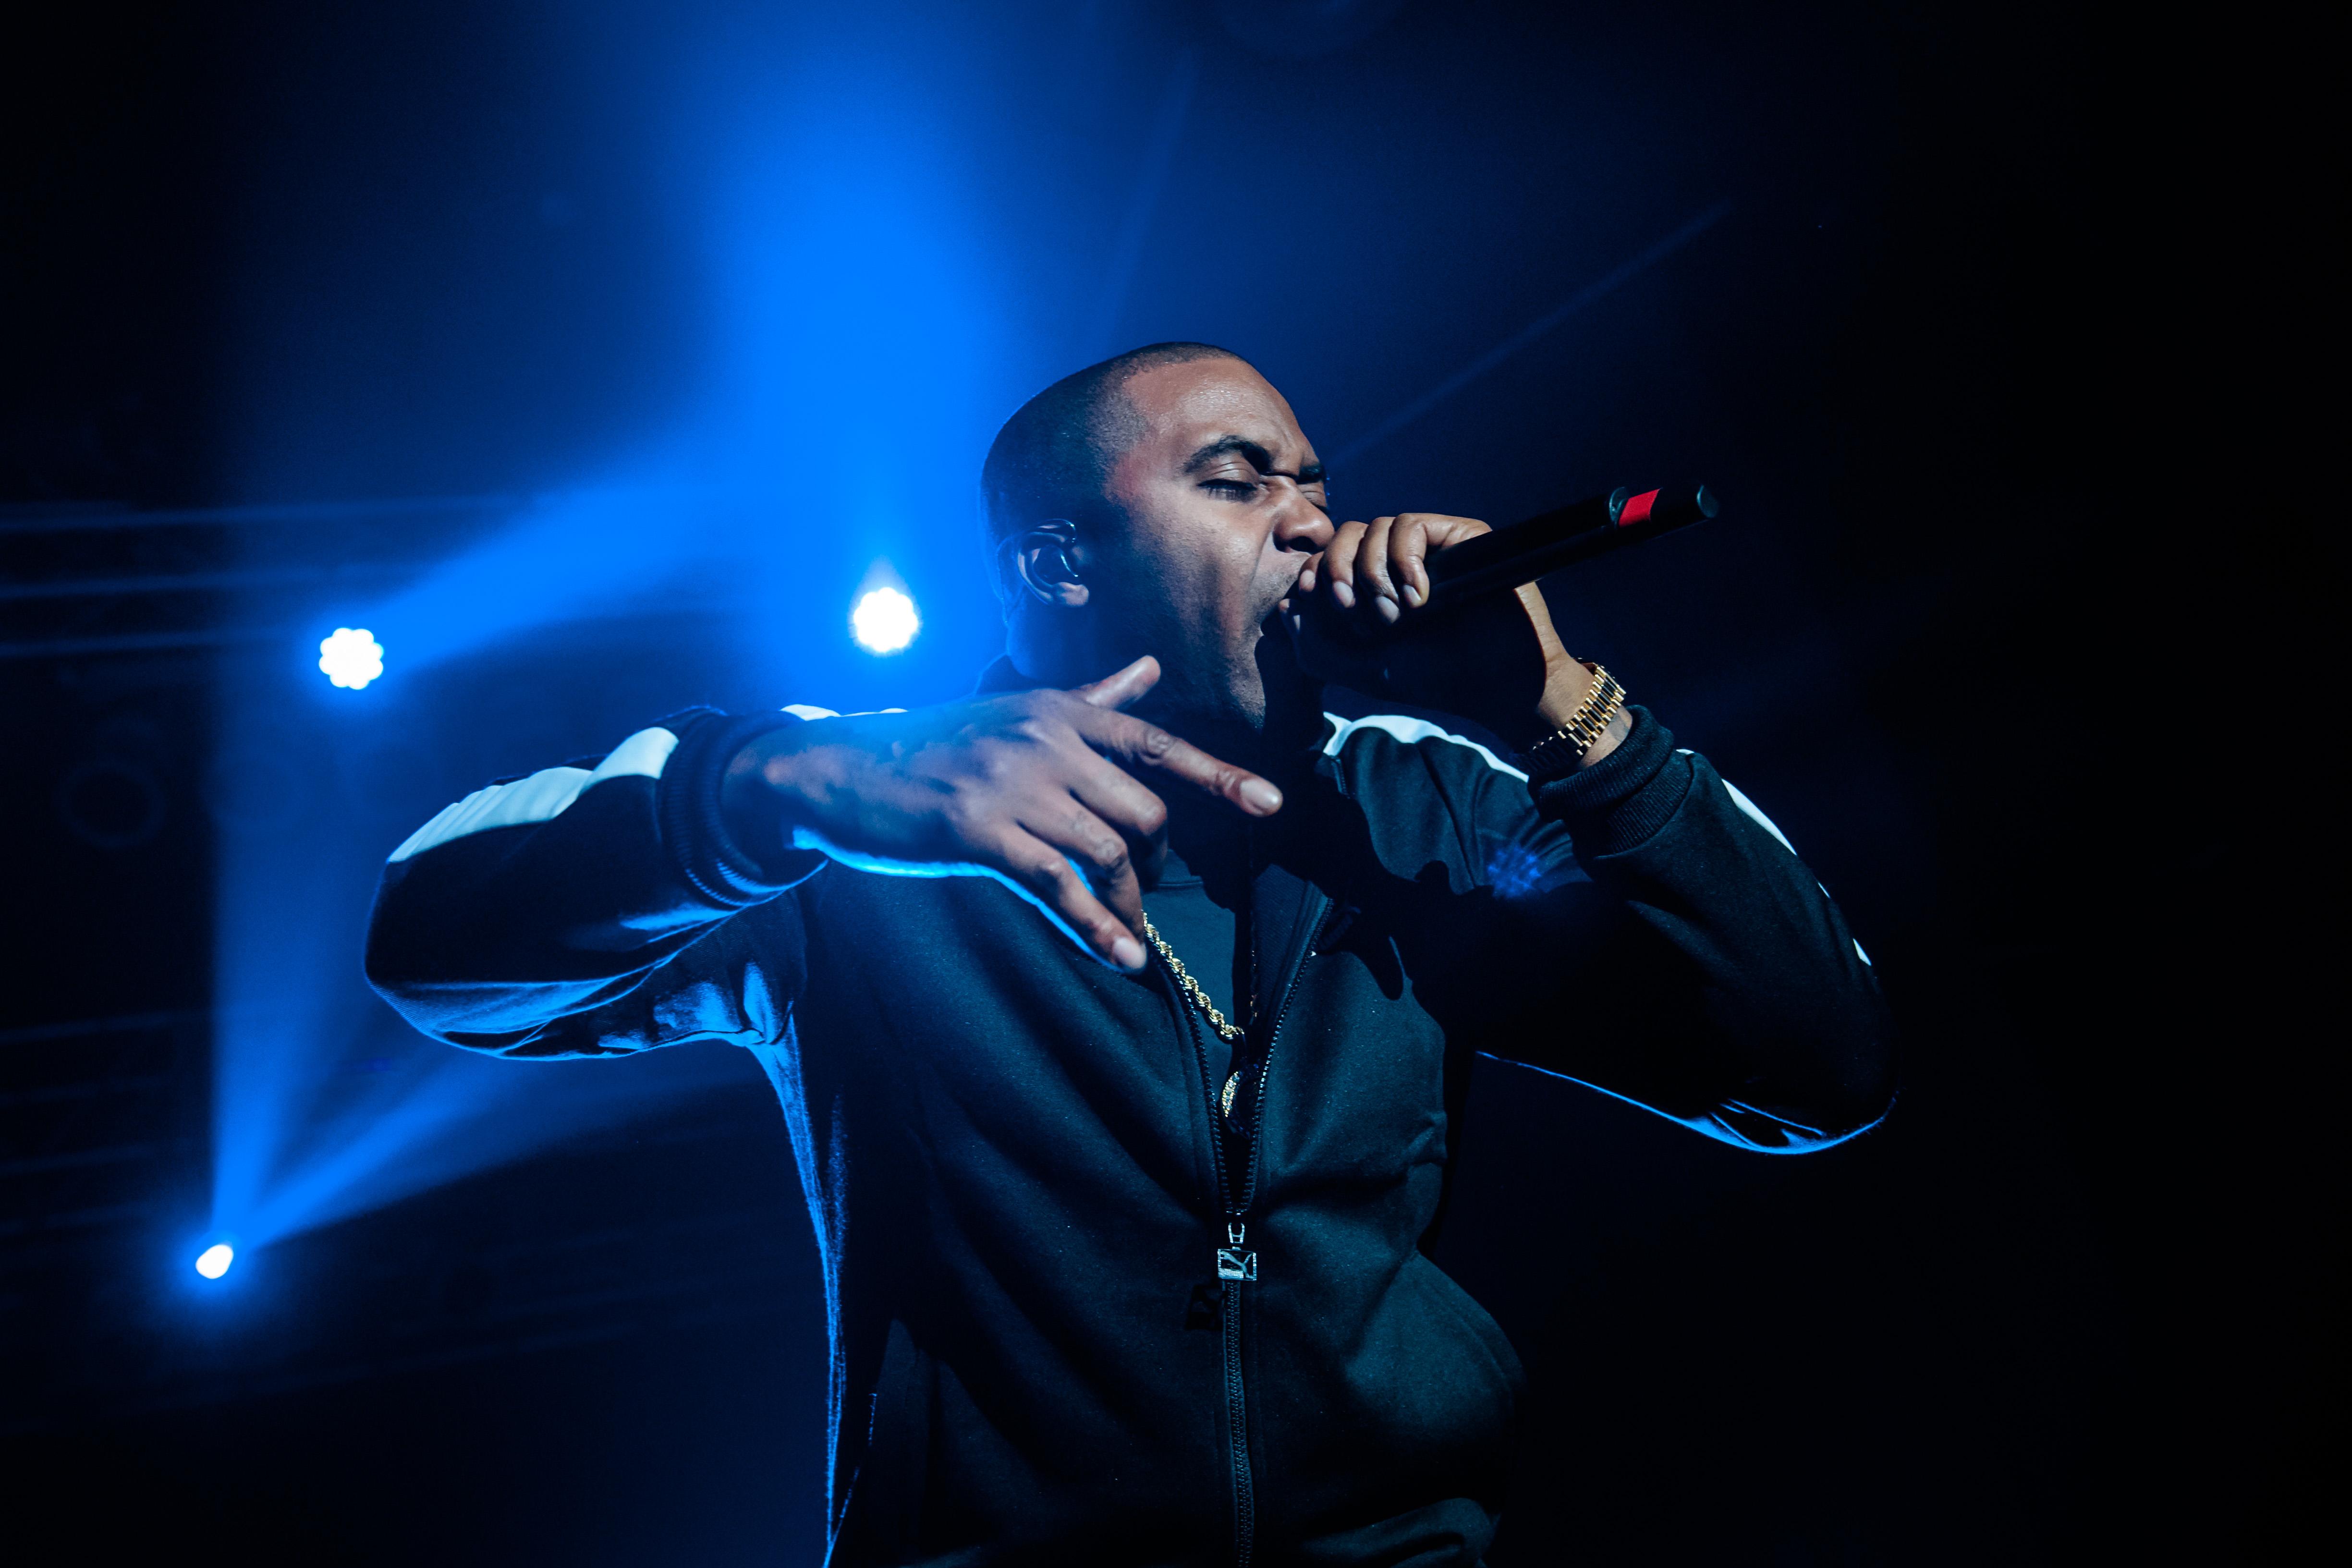 Nas Performs In Berlin